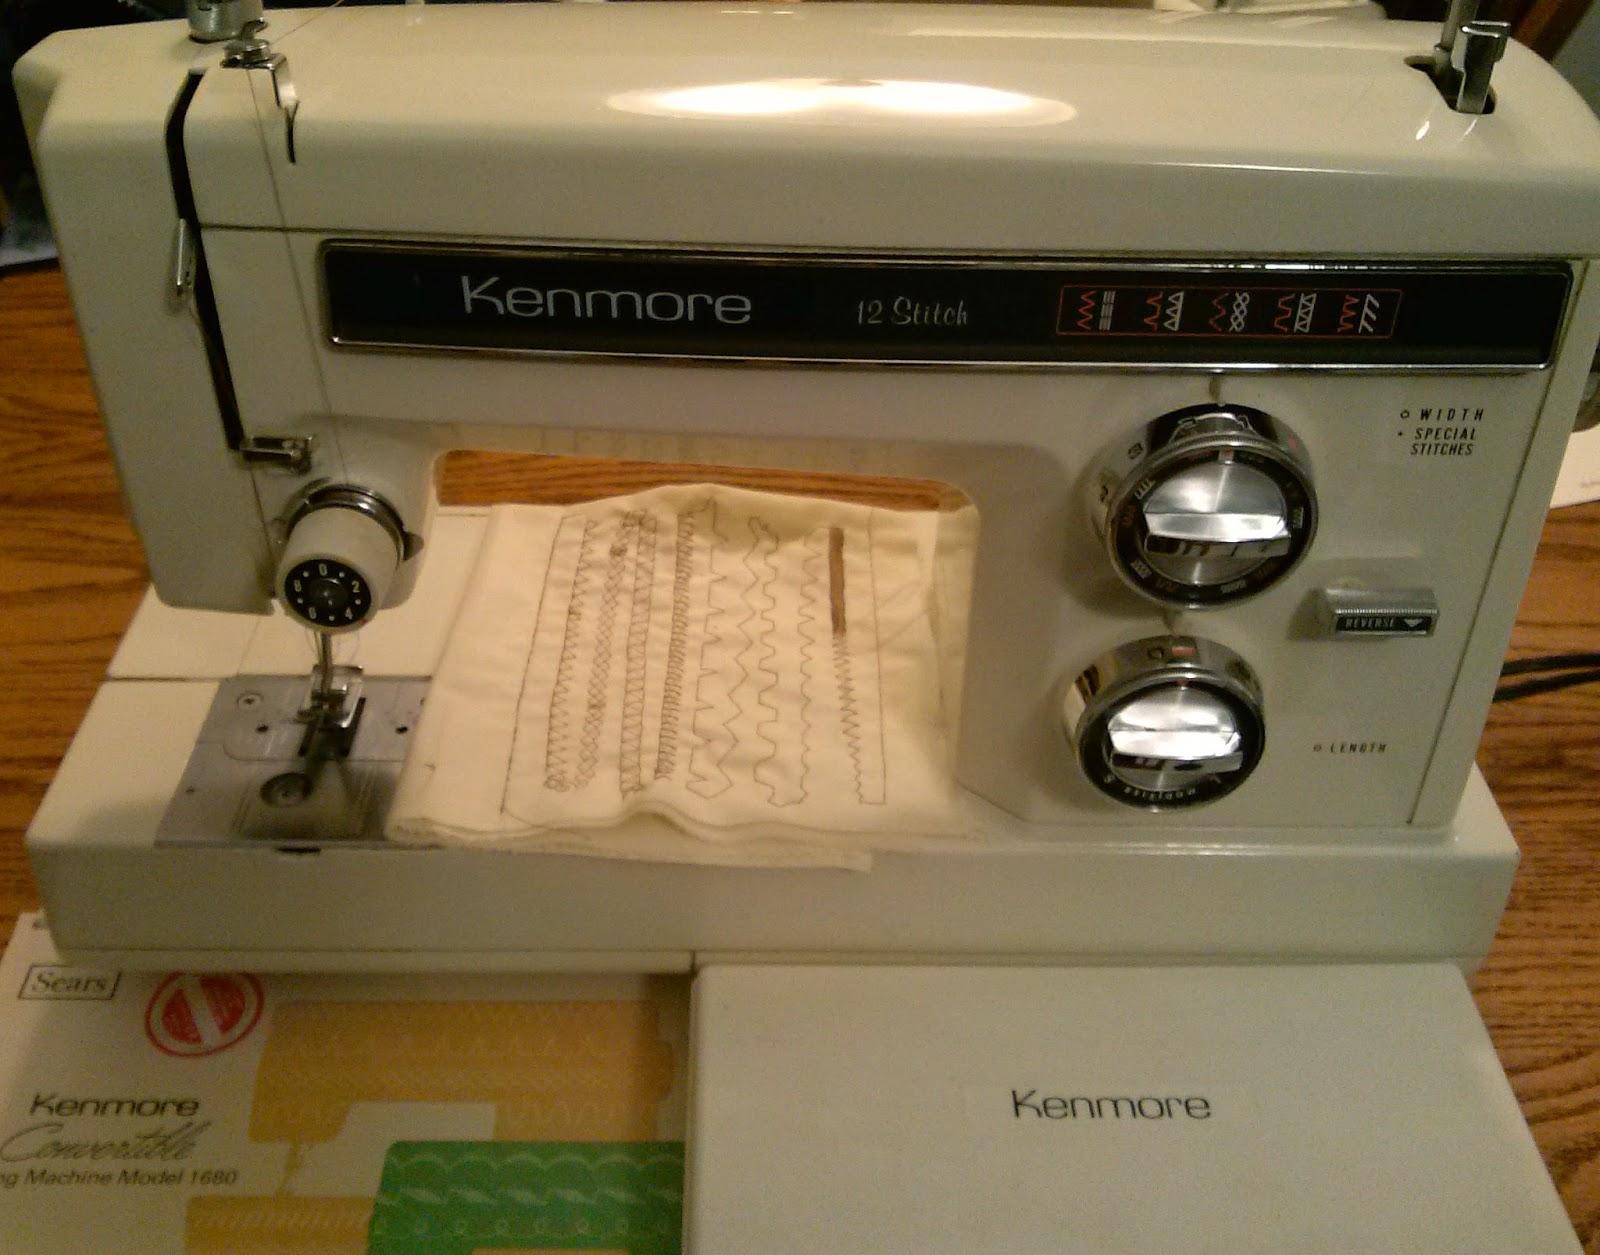 Kenmore 1680 after adjustments